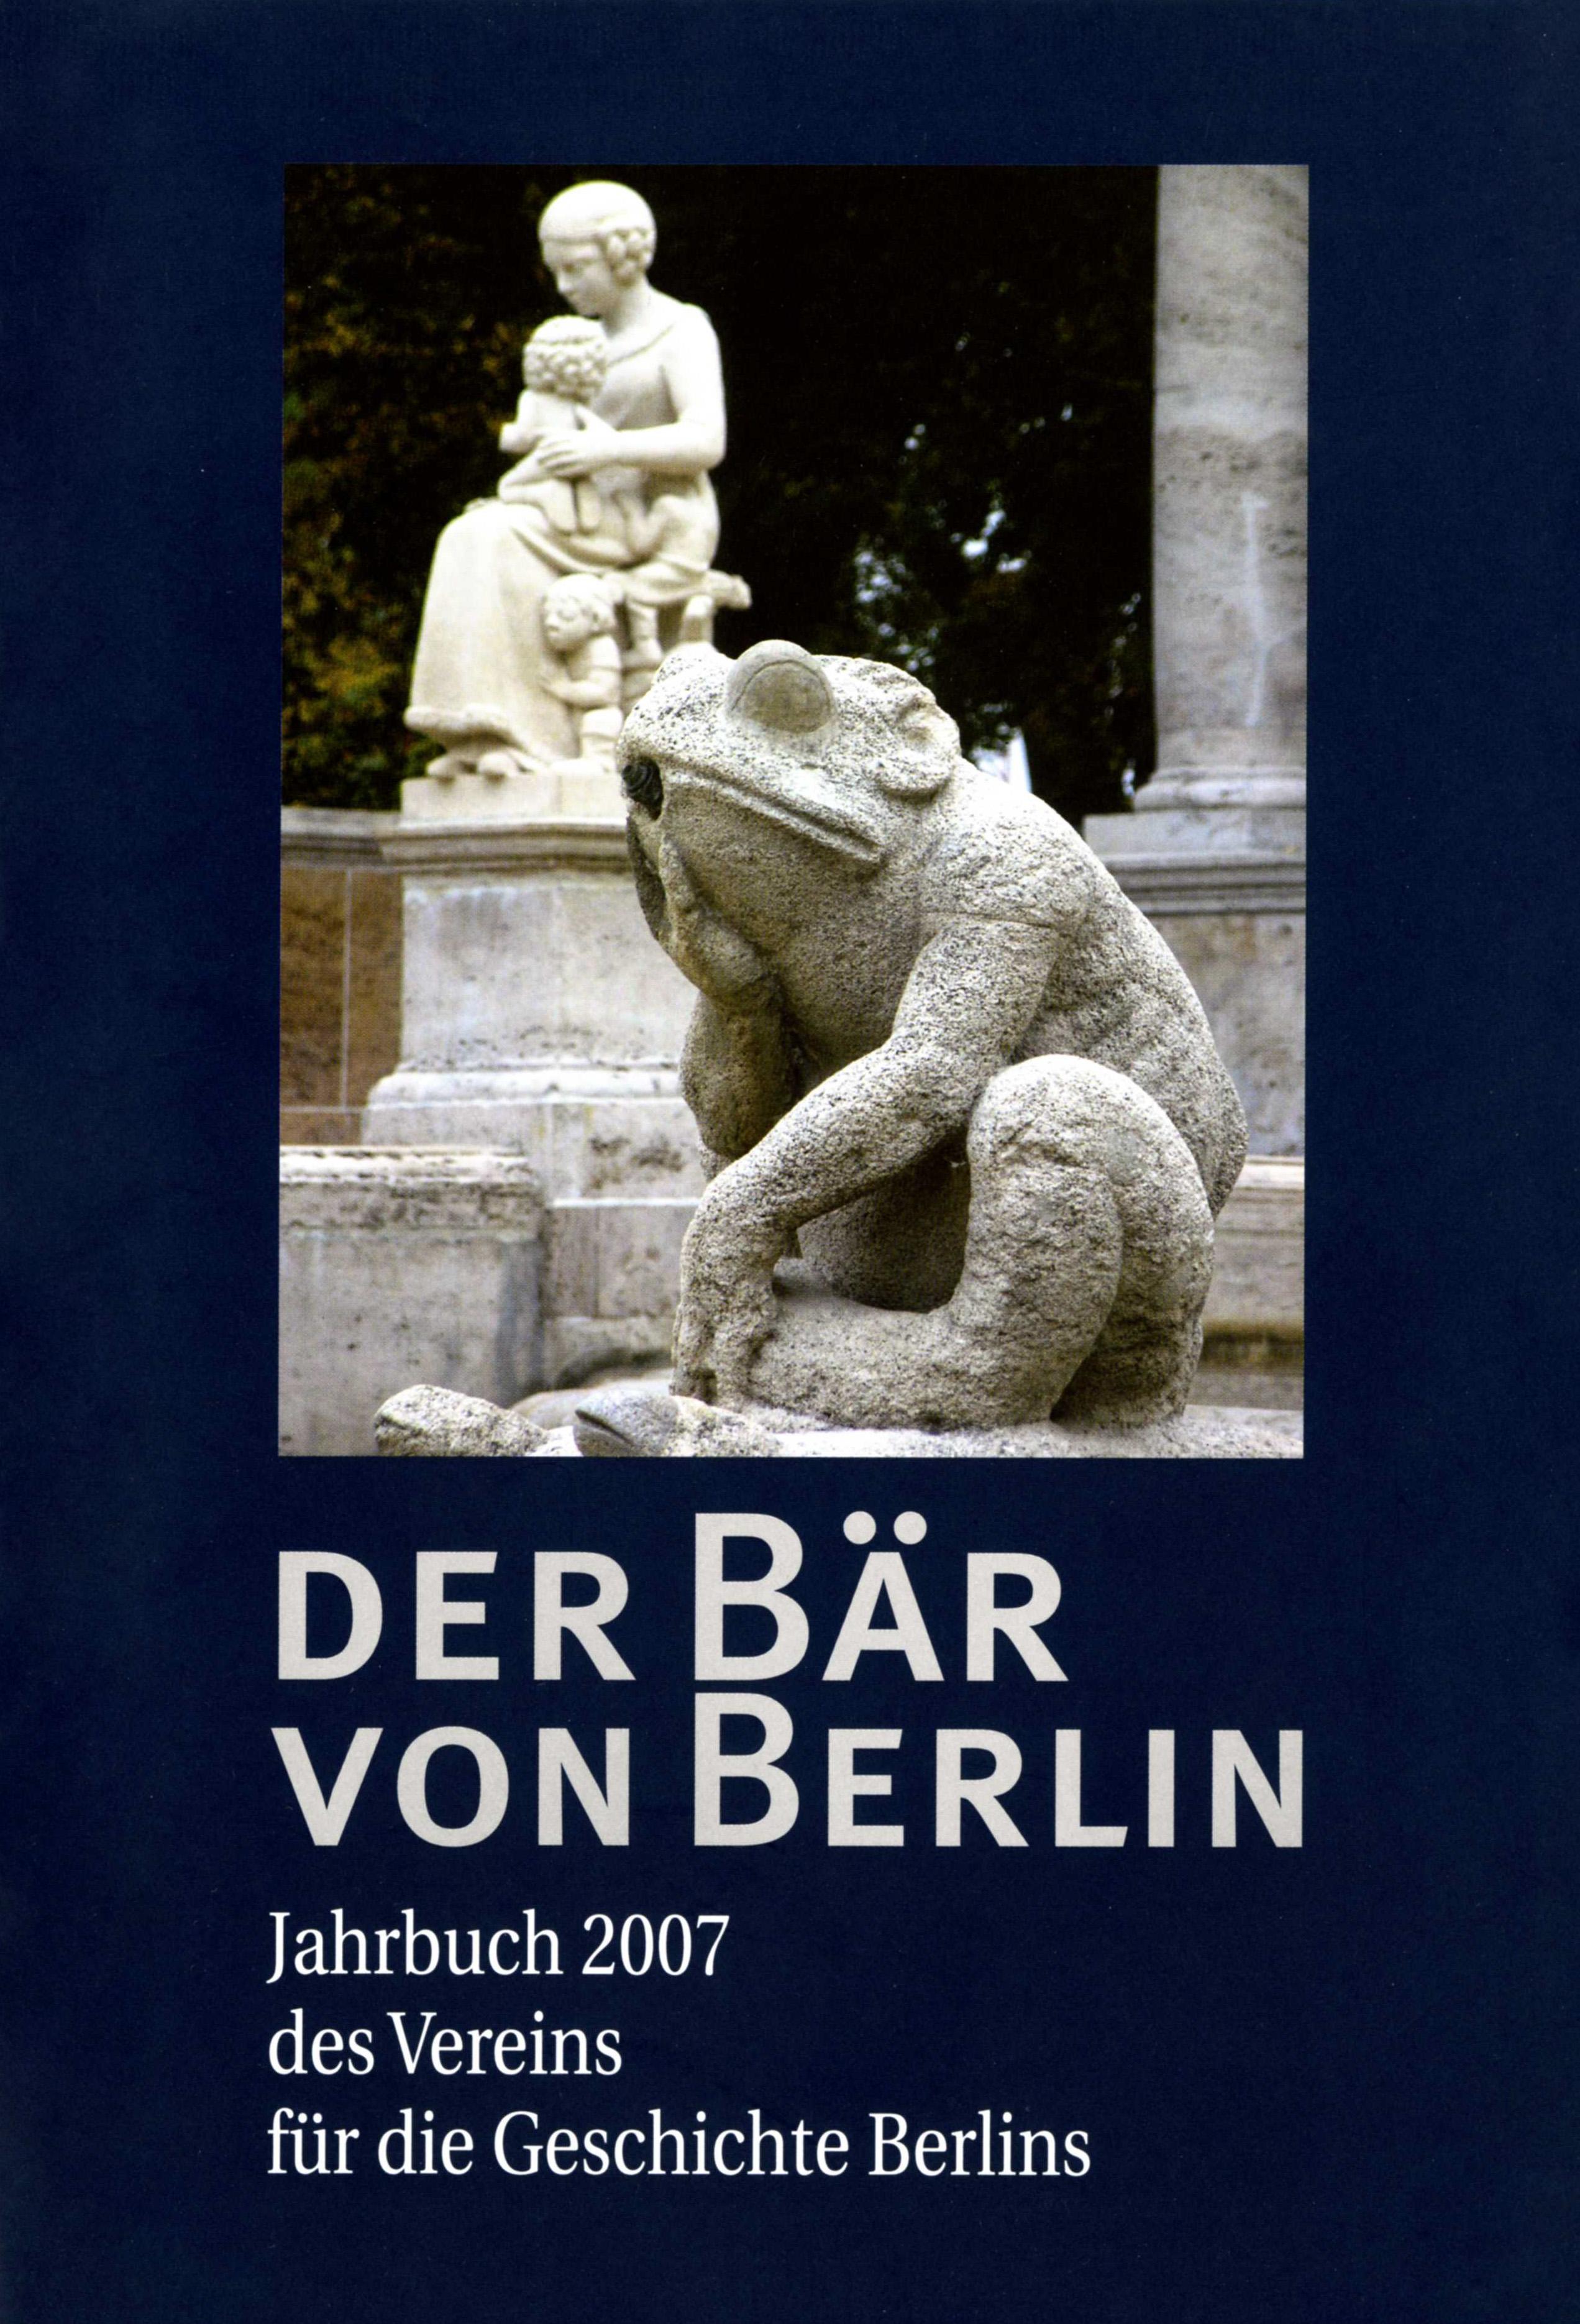 Dateijahrbuch Verein Für Die Geschichte Berlins Deckblatt 2007jpg